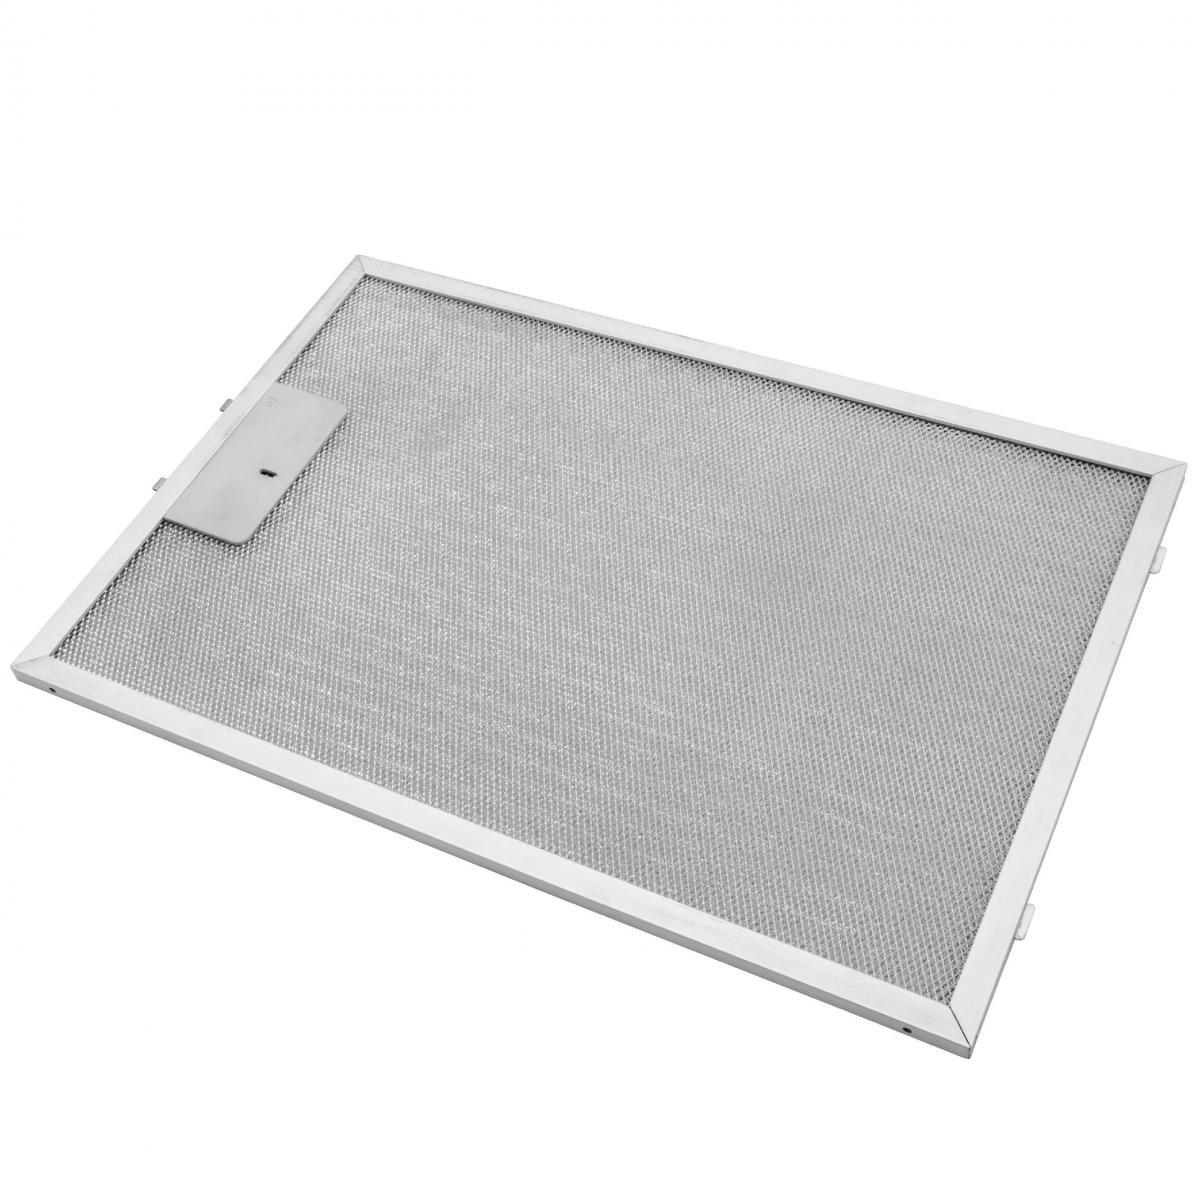 Vhbw vhbw Filtrepermanent filtre à graisse métallique 38,8 x 26,5 x 0,9cm convient pour Pitsos 2MEB 60 SX, 2MEB 60 X, 2MEB 90